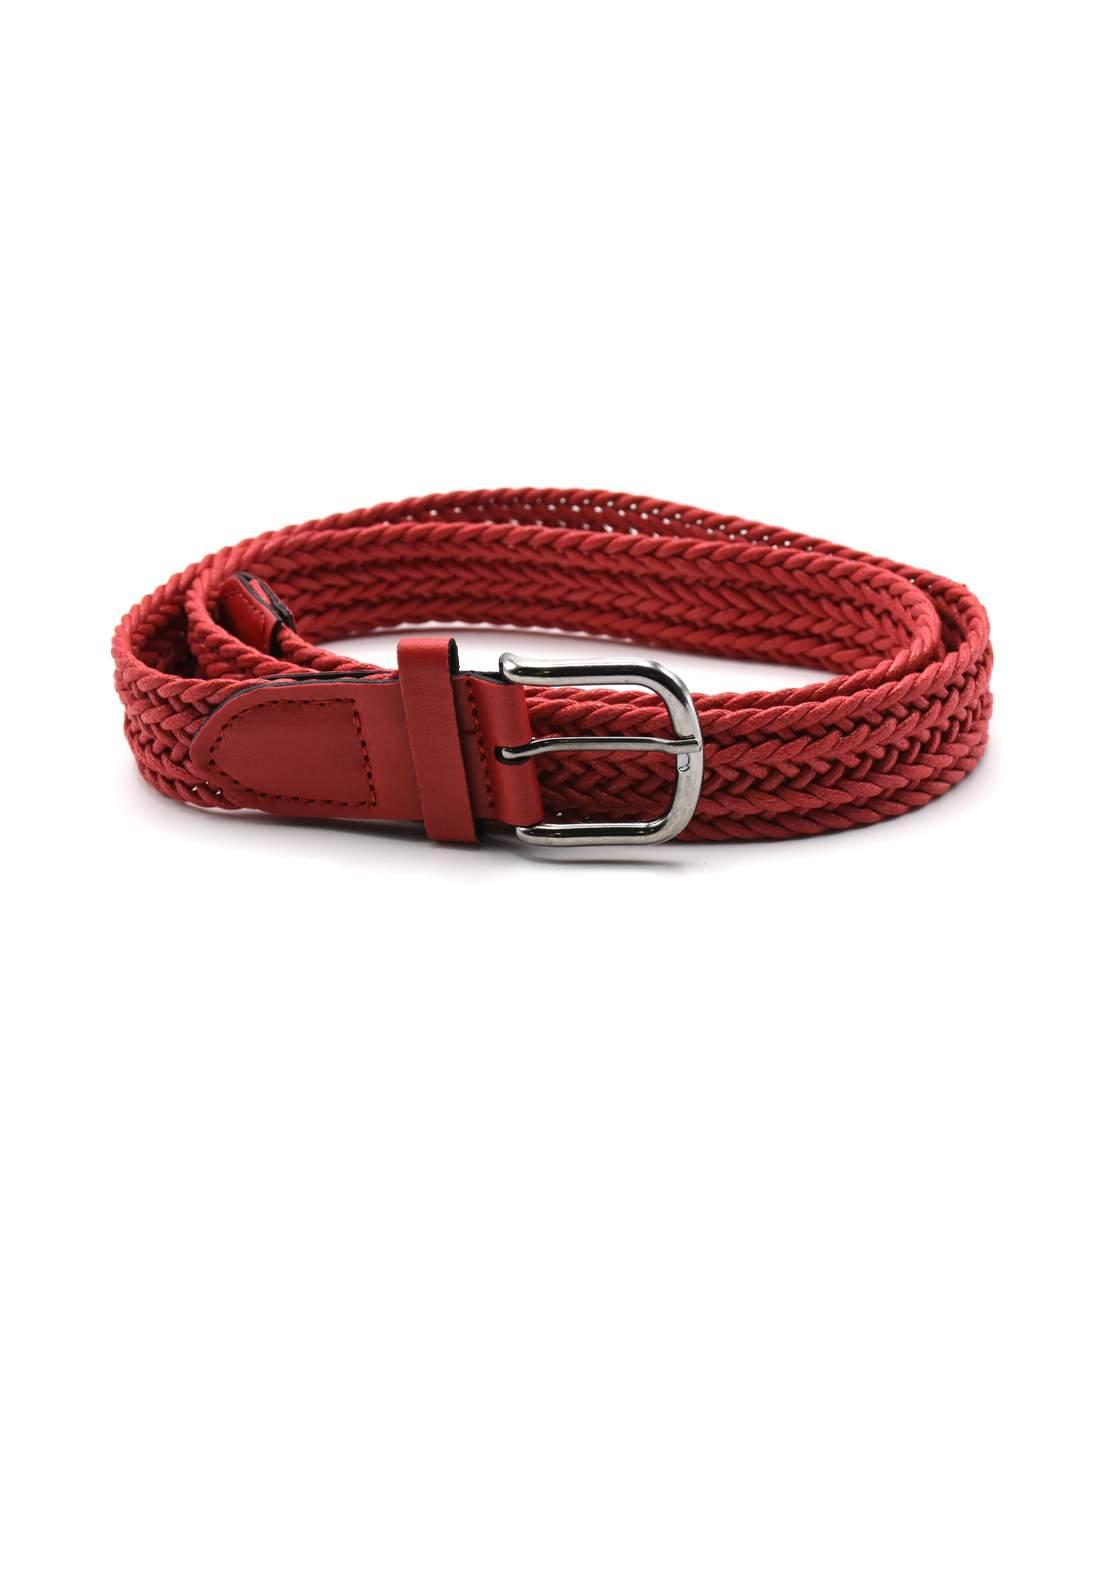 حزام نسائي جلد أحمر اللون بأبزيم فضي 116 سم